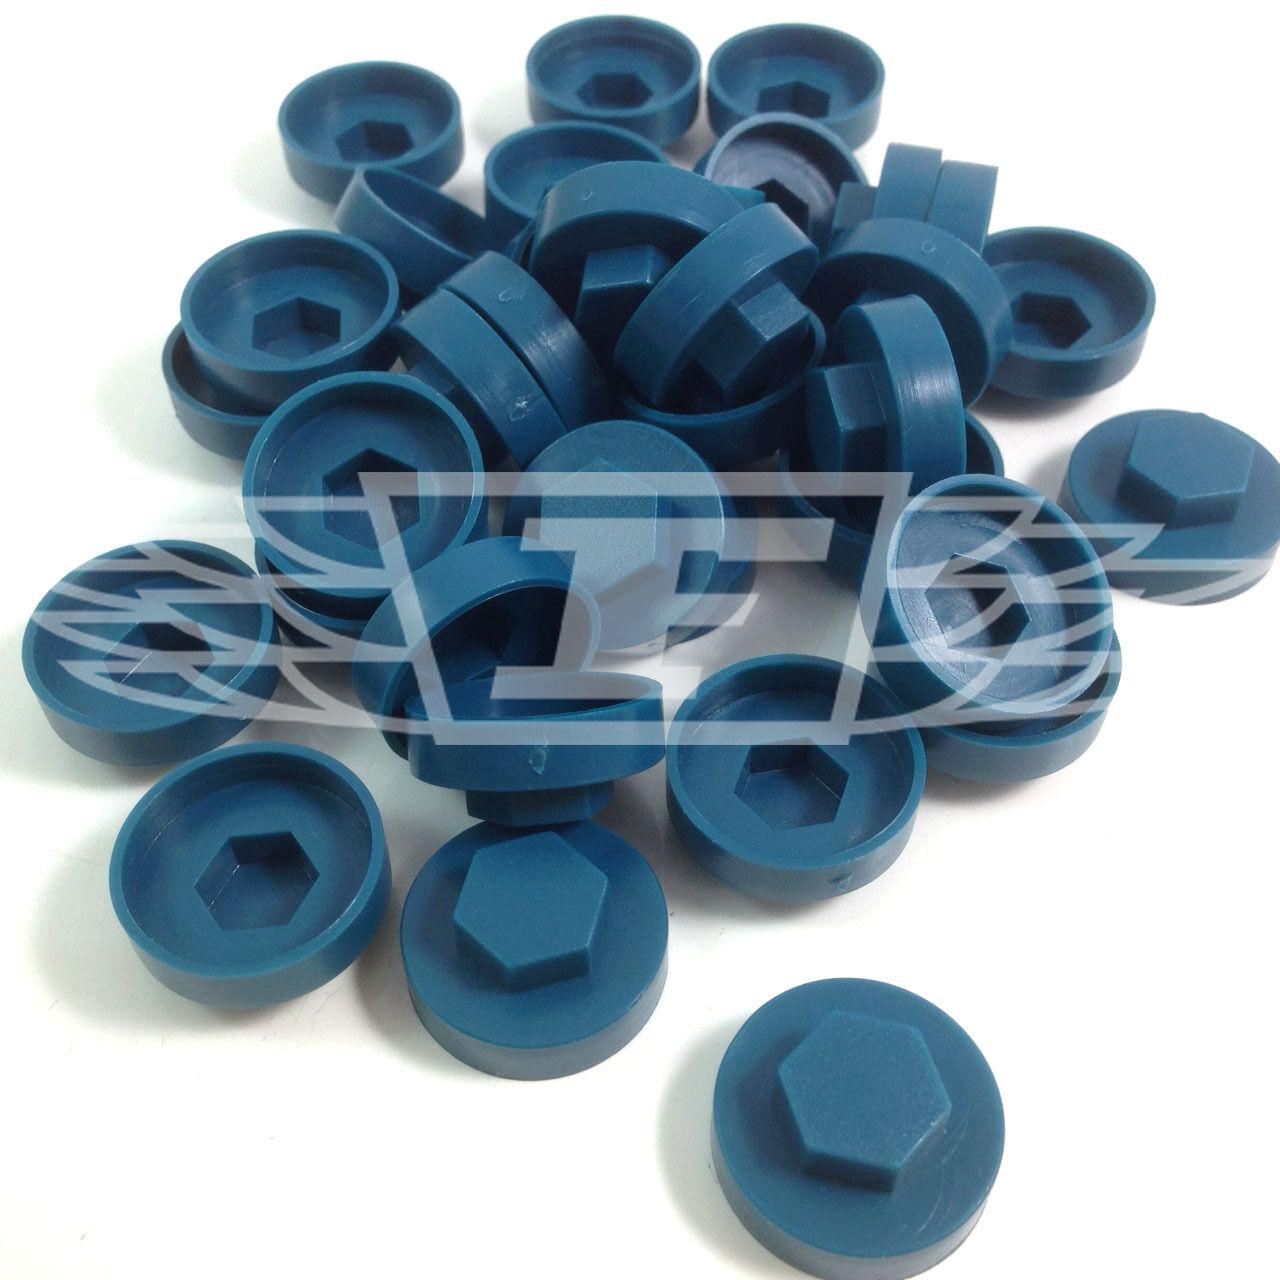 """AL9 16mm ocean blue hexagonal tek couverture Caps à vis pour s/' adapter 8mm 5//16 /""""TEK vis"""